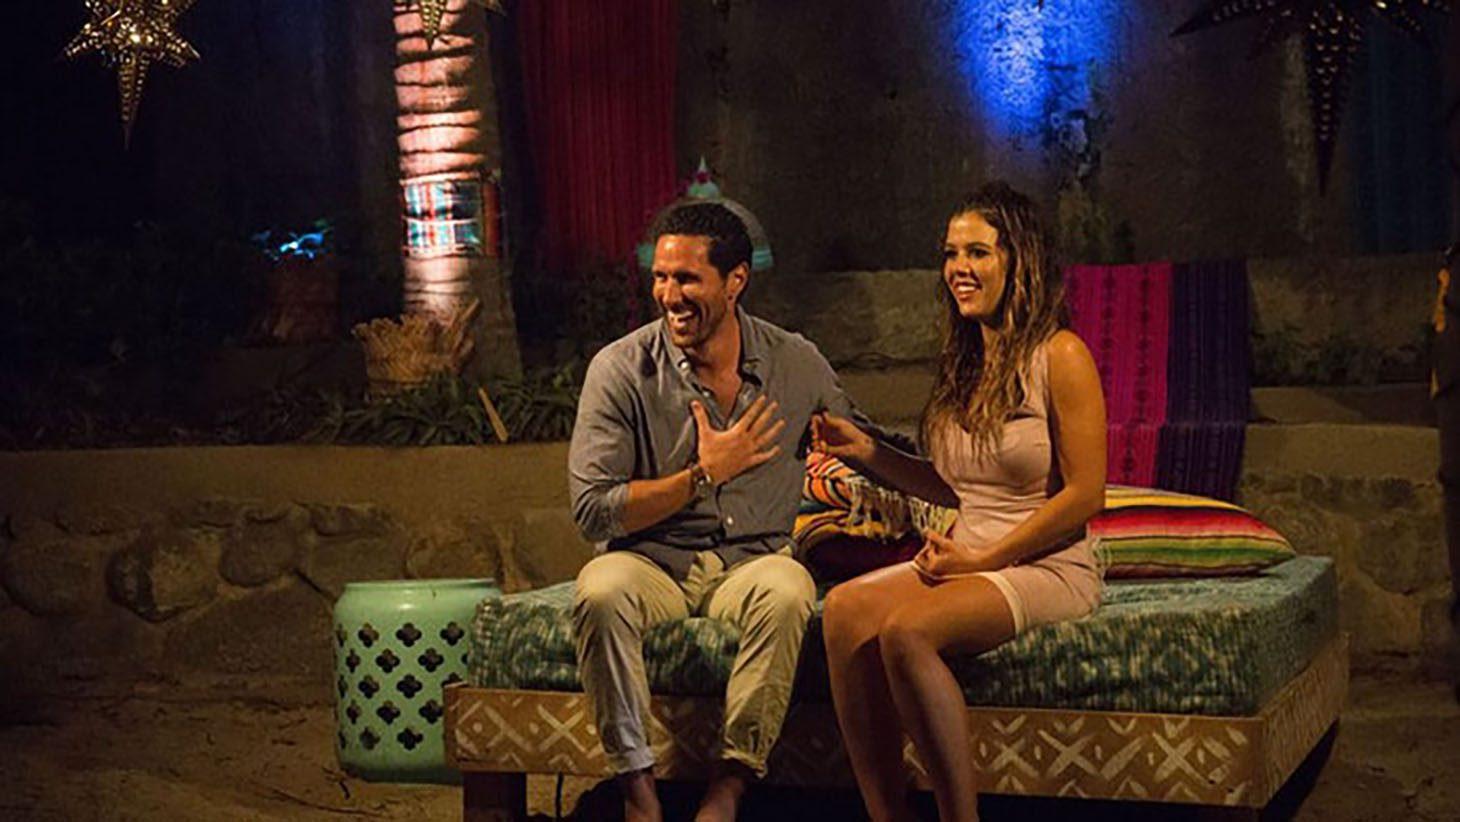 Jillian Harris Bachelor in Paradise Finale Recap